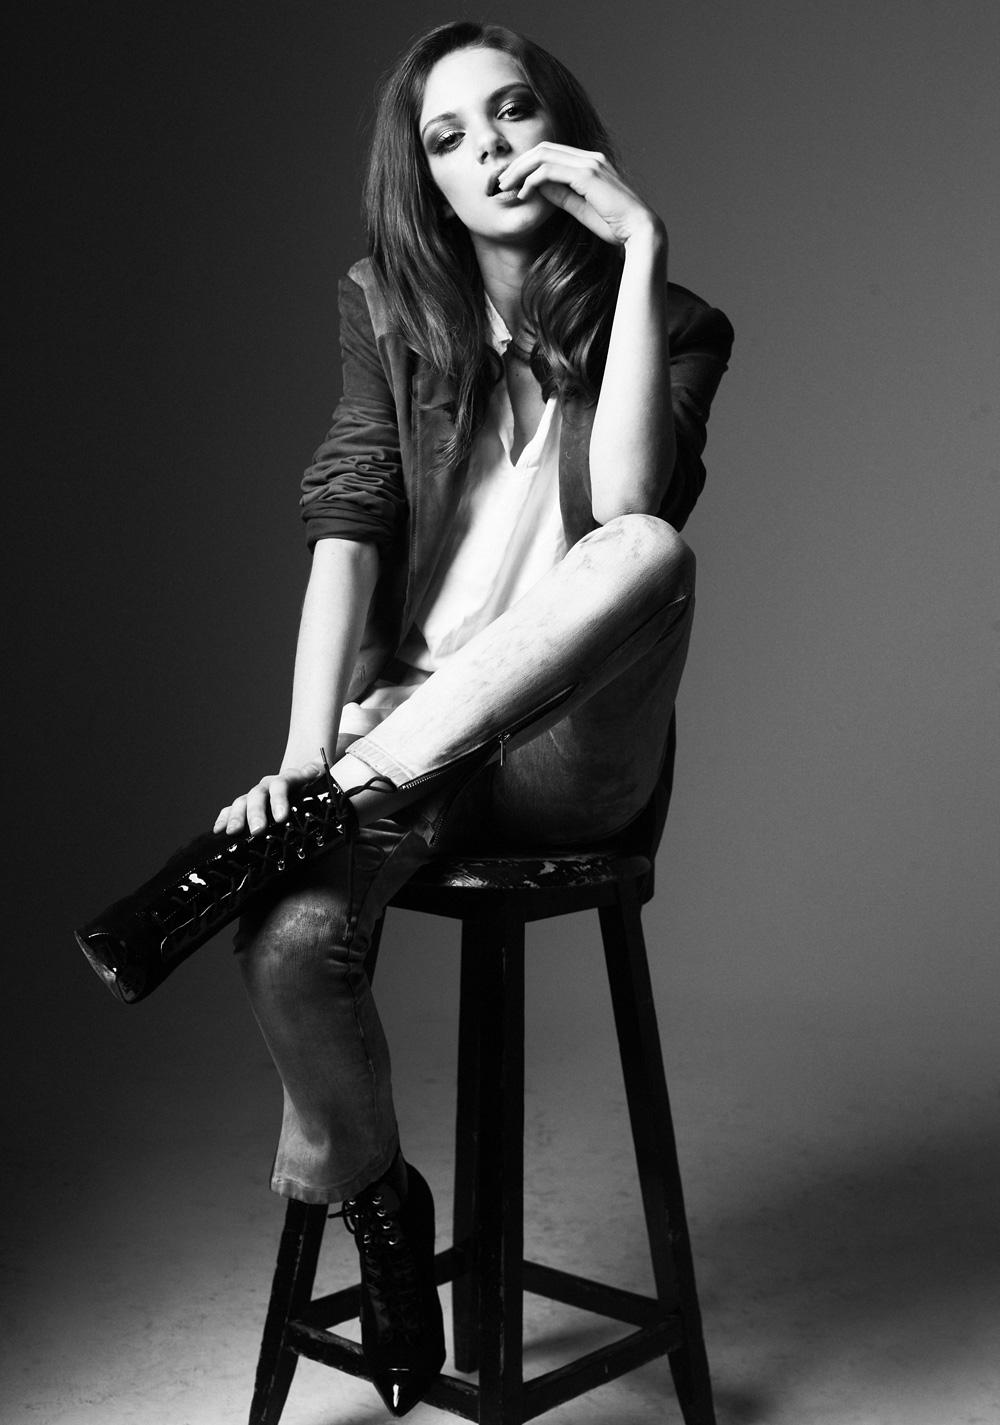 Фото девушка в пиджаке черно белое